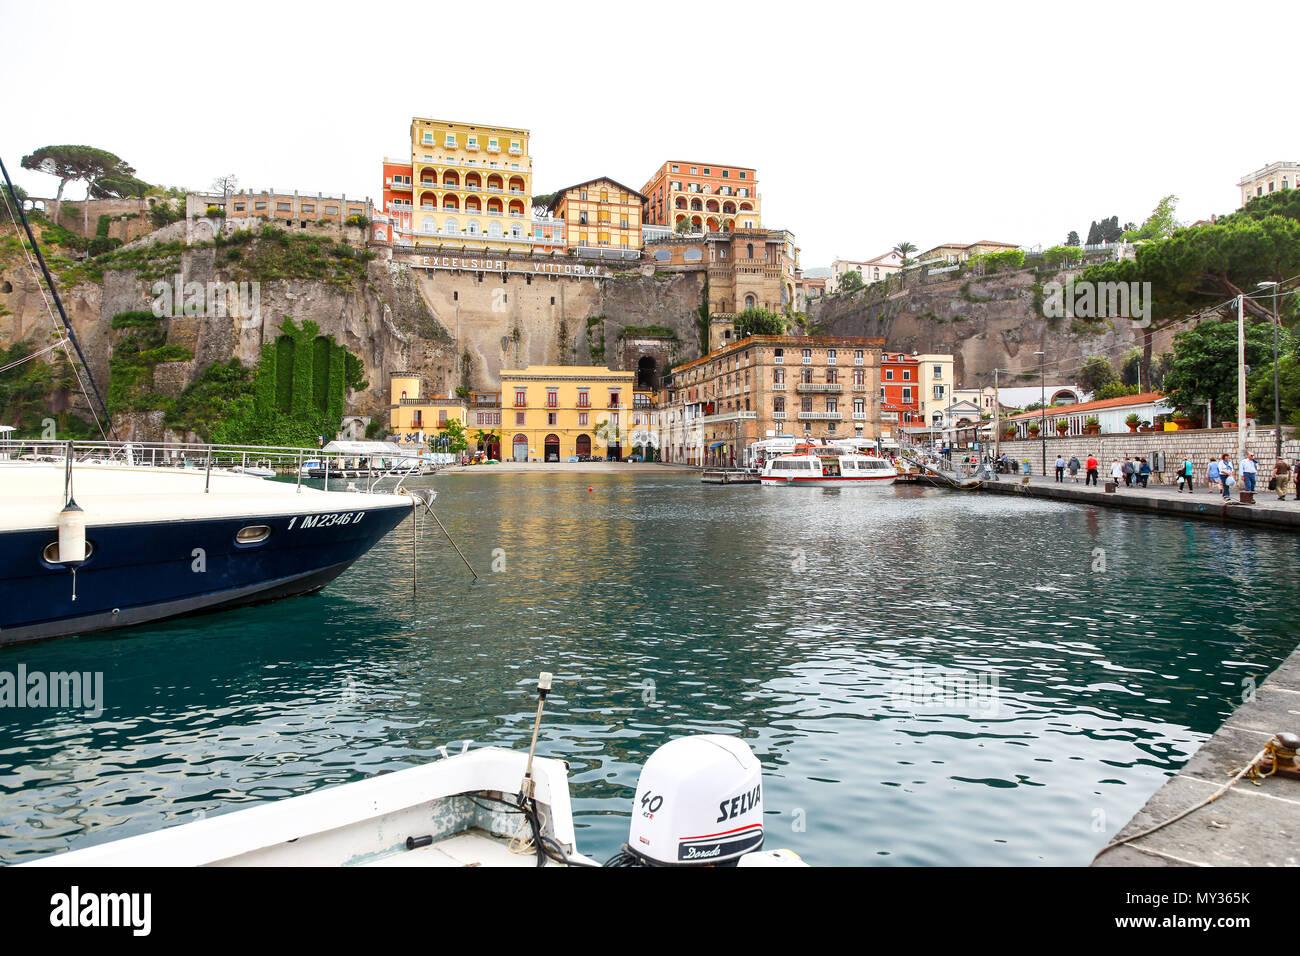 Boats in the Marina Piccola, Sorrento, southwestern Italy - Stock Image